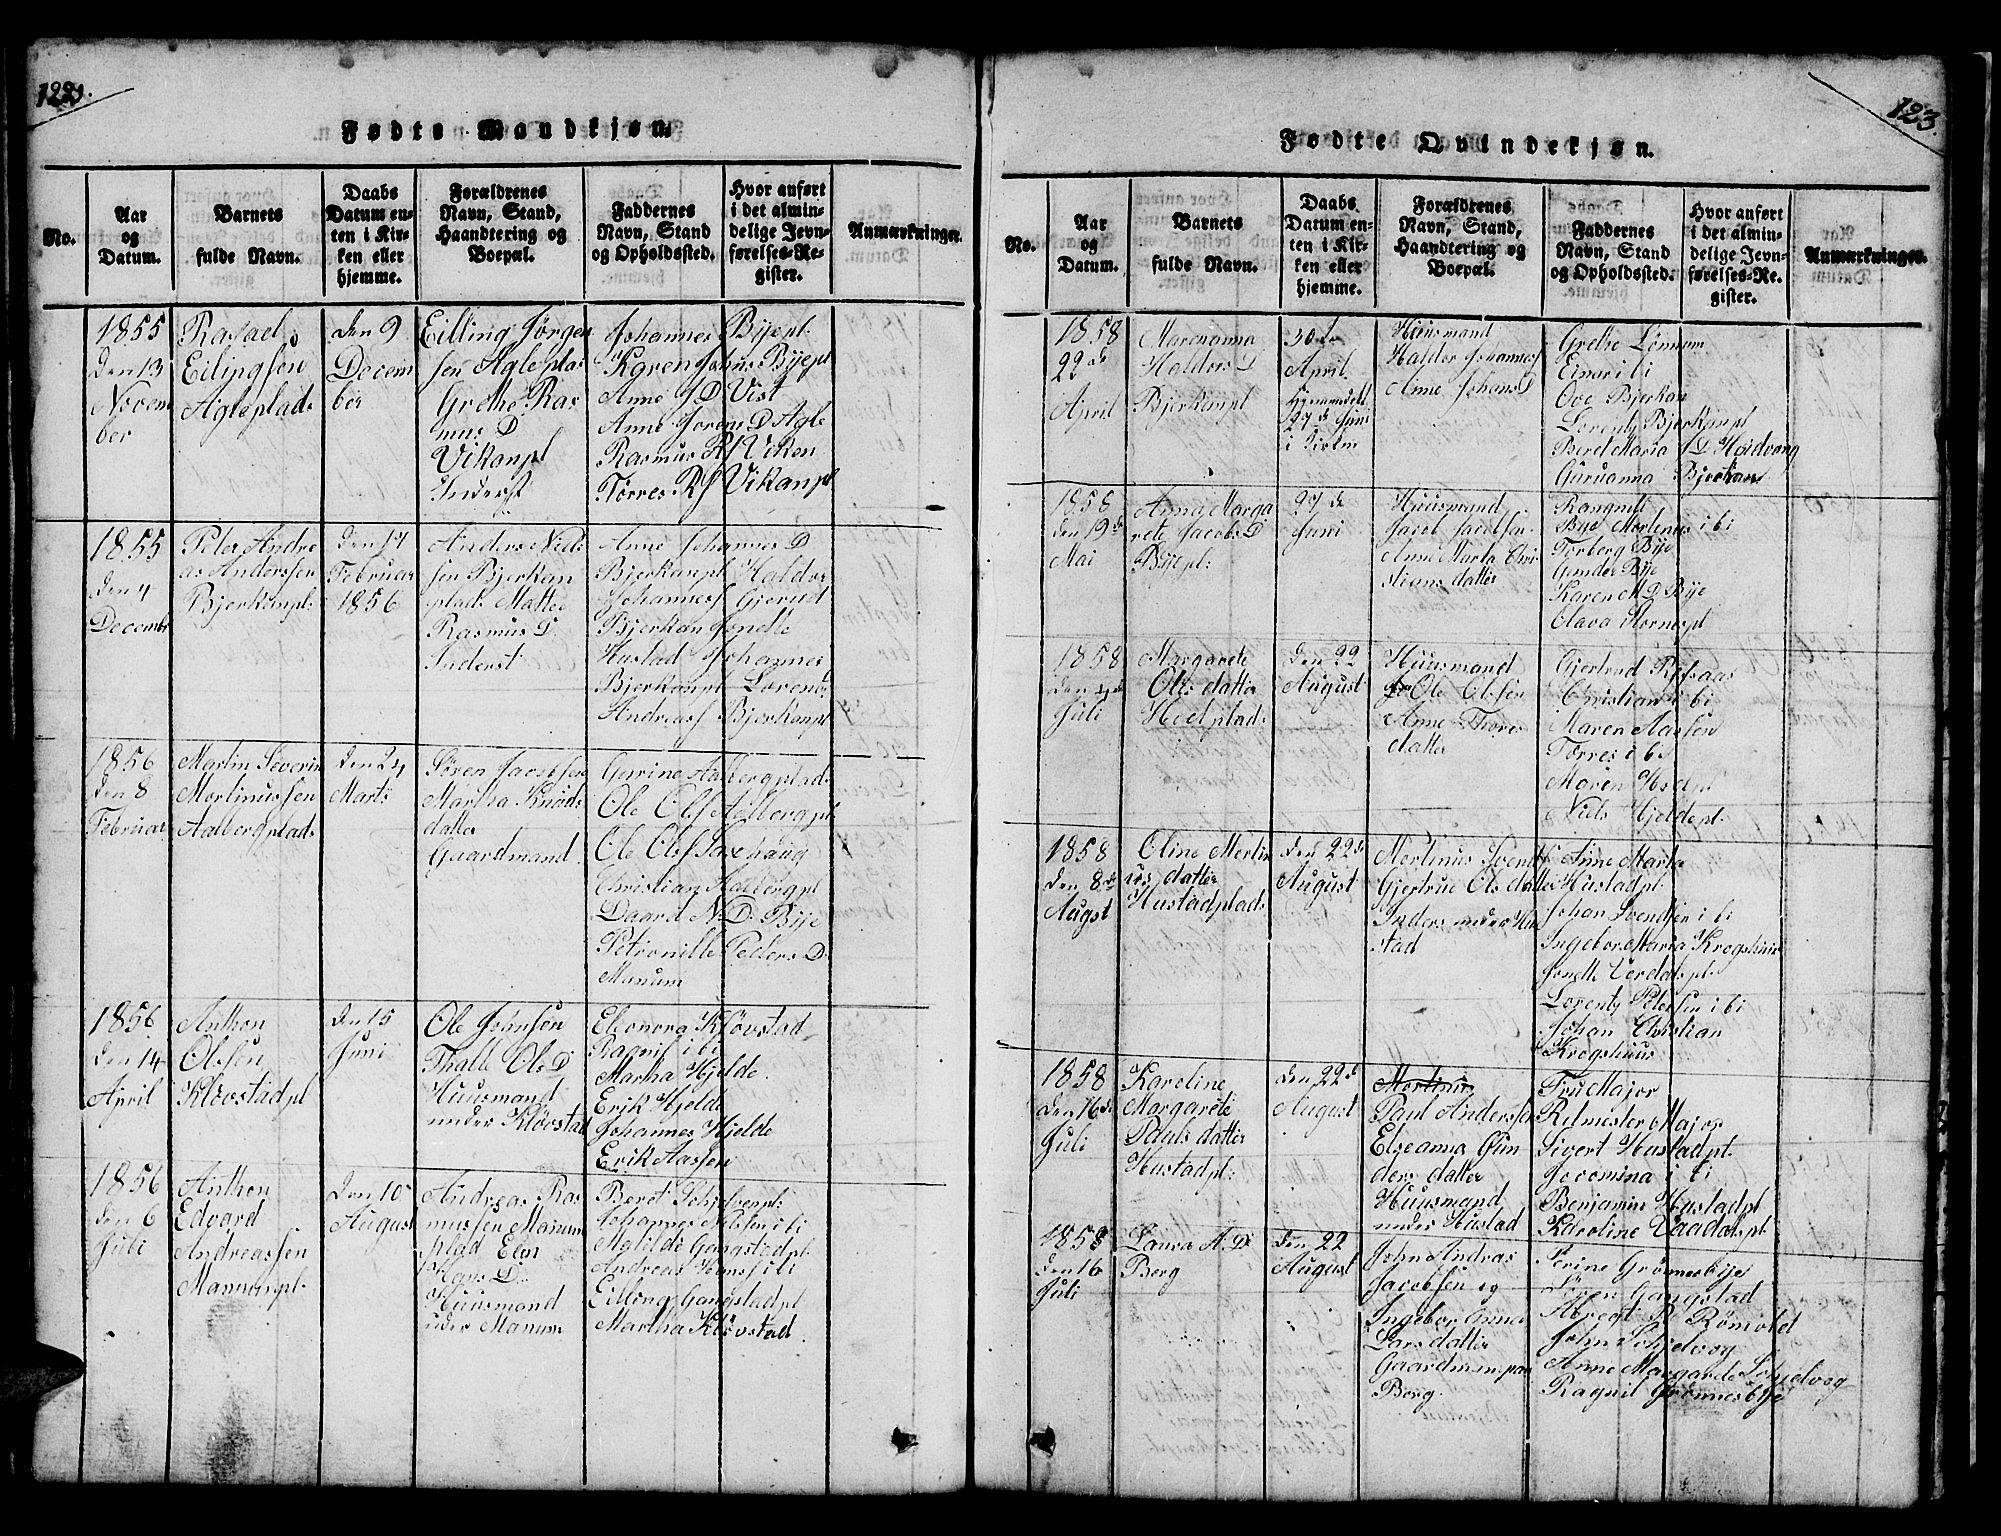 SAT, Ministerialprotokoller, klokkerbøker og fødselsregistre - Nord-Trøndelag, 732/L0317: Klokkerbok nr. 732C01, 1816-1881, s. 122-123